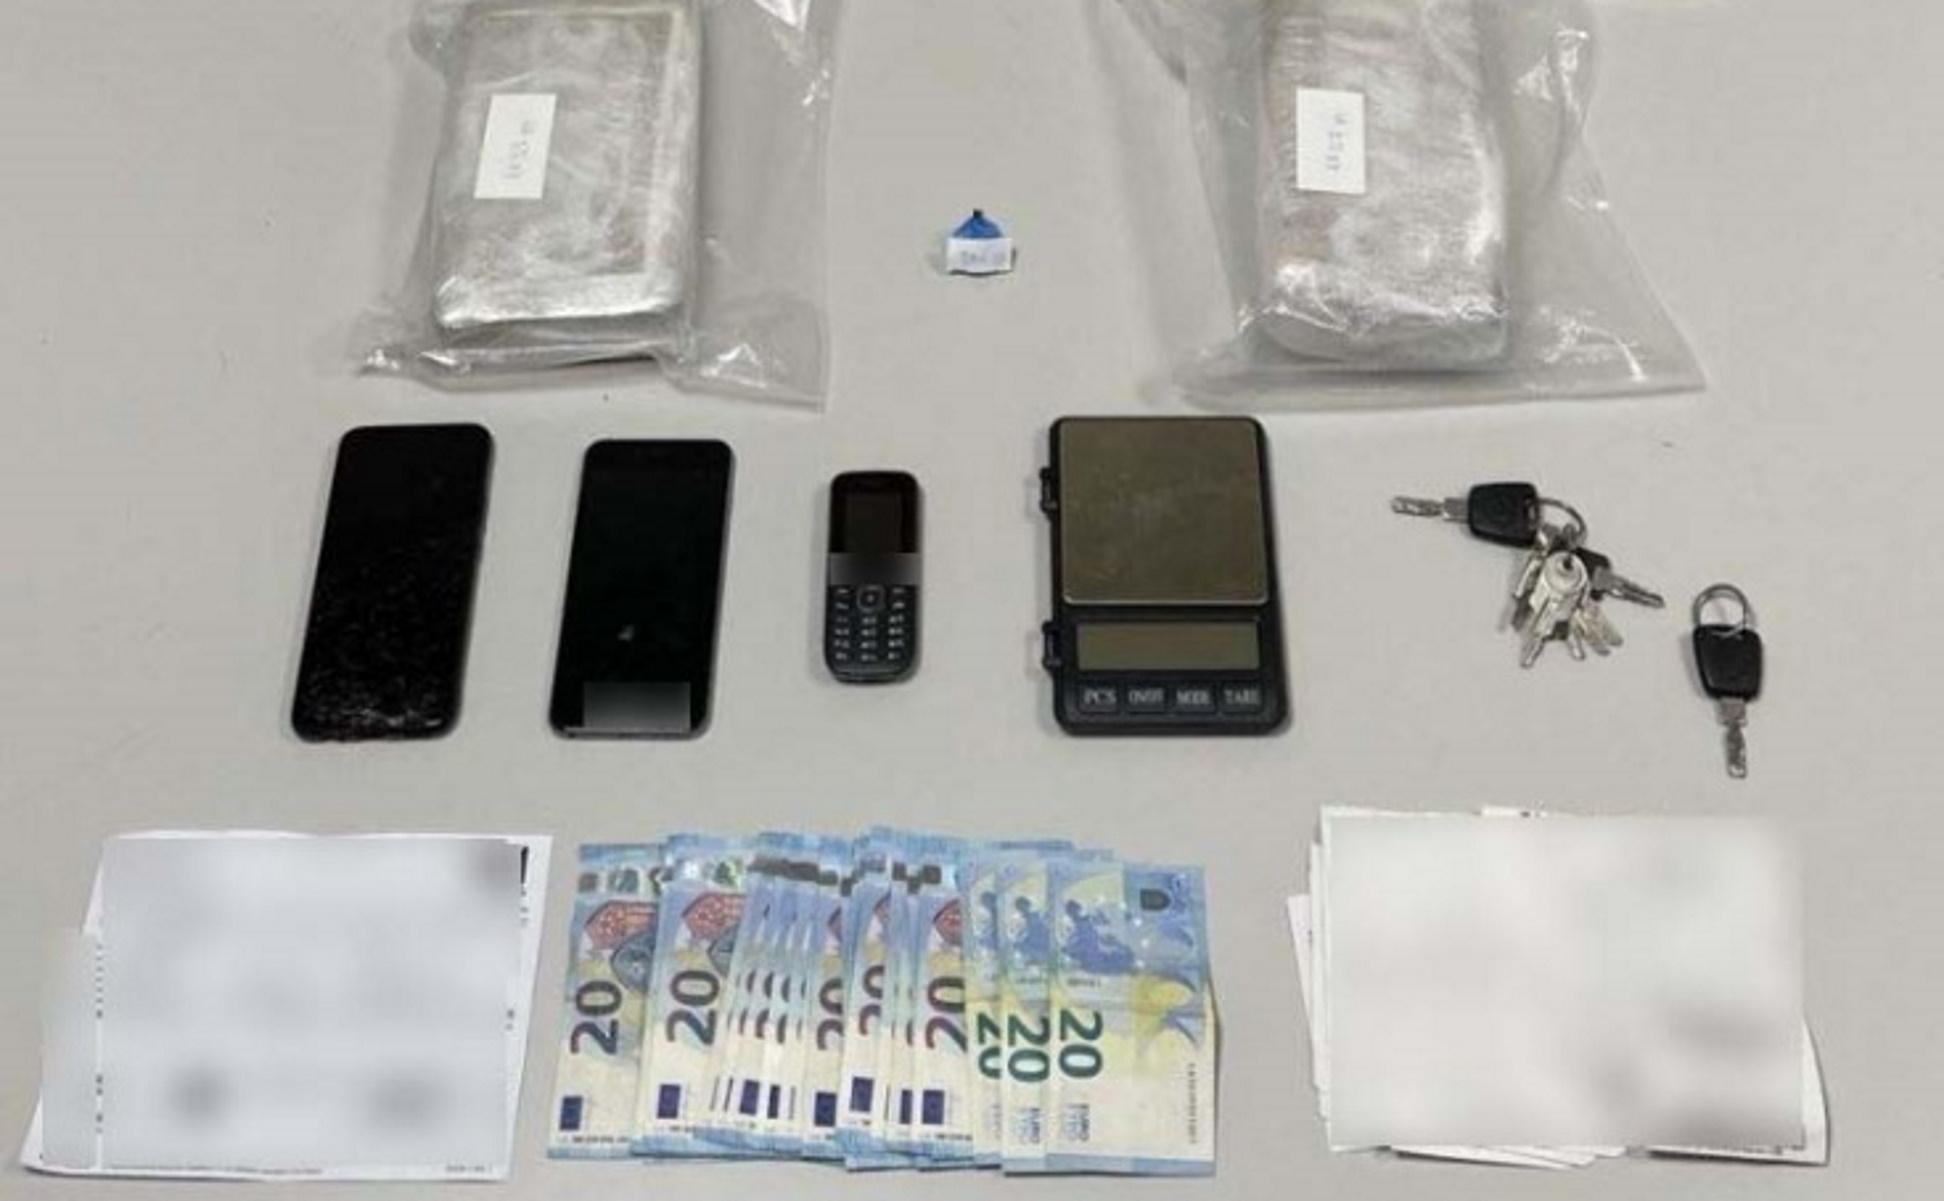 Θεσσαλονίκη: Χτύπημα σε διεθνές κύκλωμα ναρκωτικών – Έπιασαν 31χρονο με 5,5 κιλά κοκαΐνη (pic)